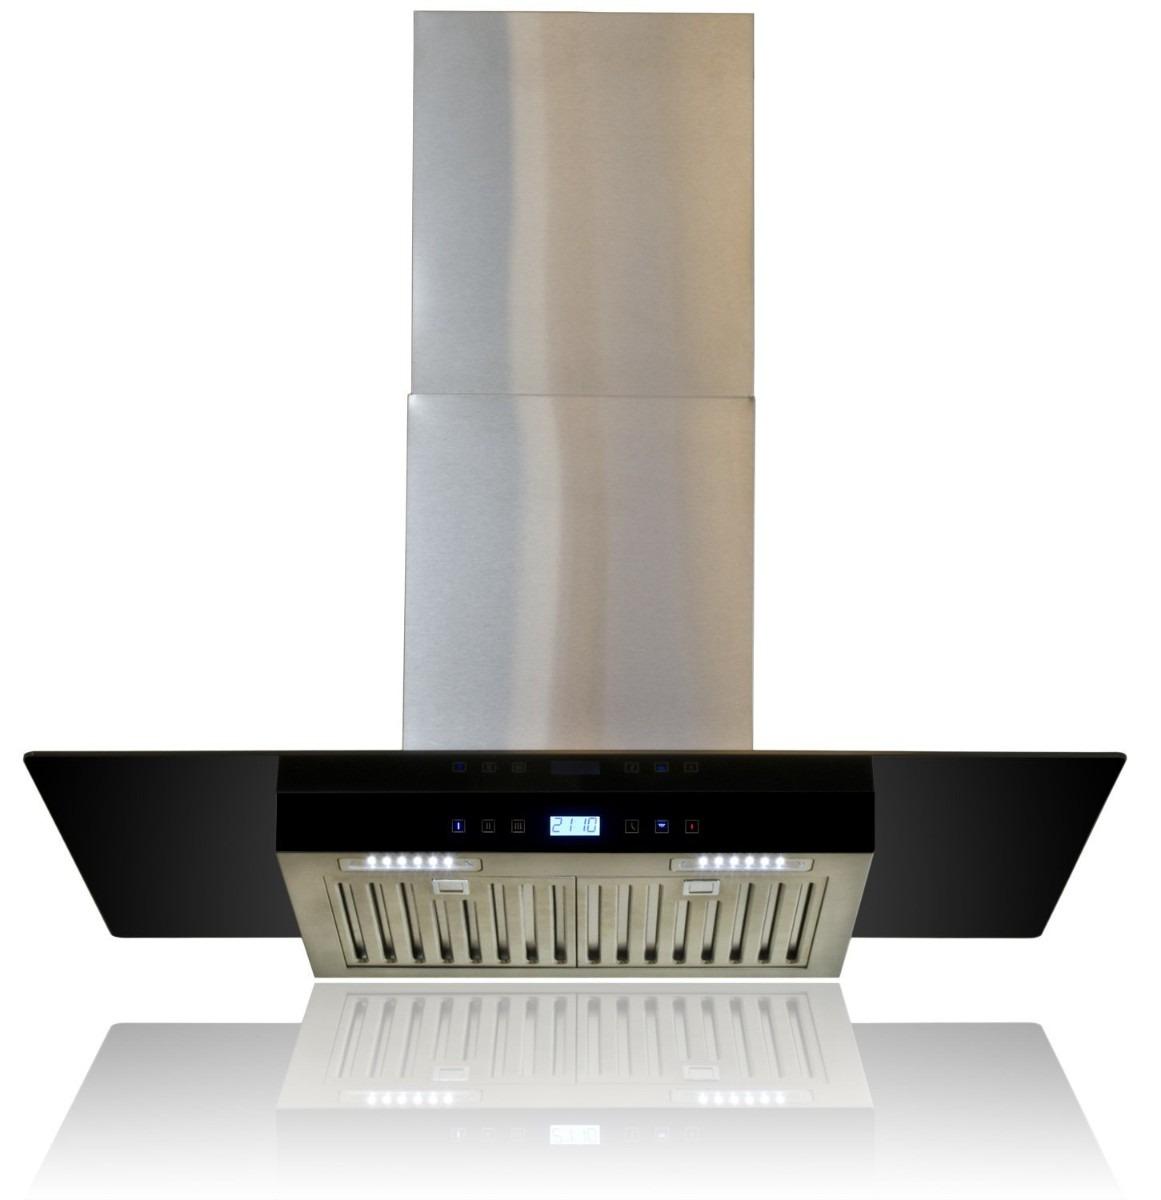 Campana para cocina extractor control de tacto hm4 - Extractor de cocina precio ...